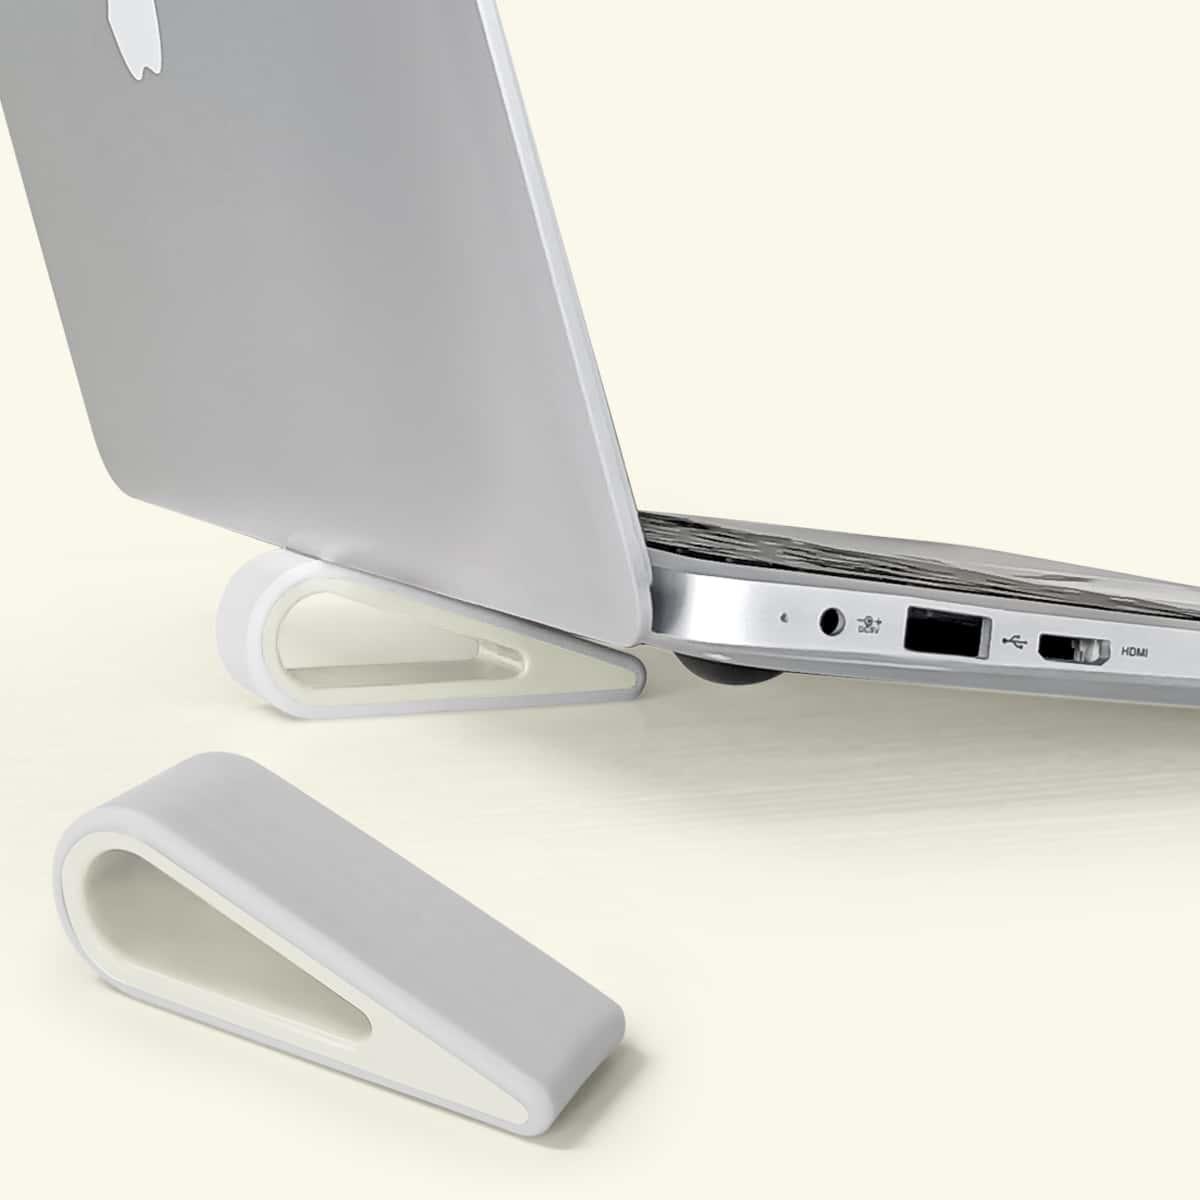 Tragbarer PC-Ständer